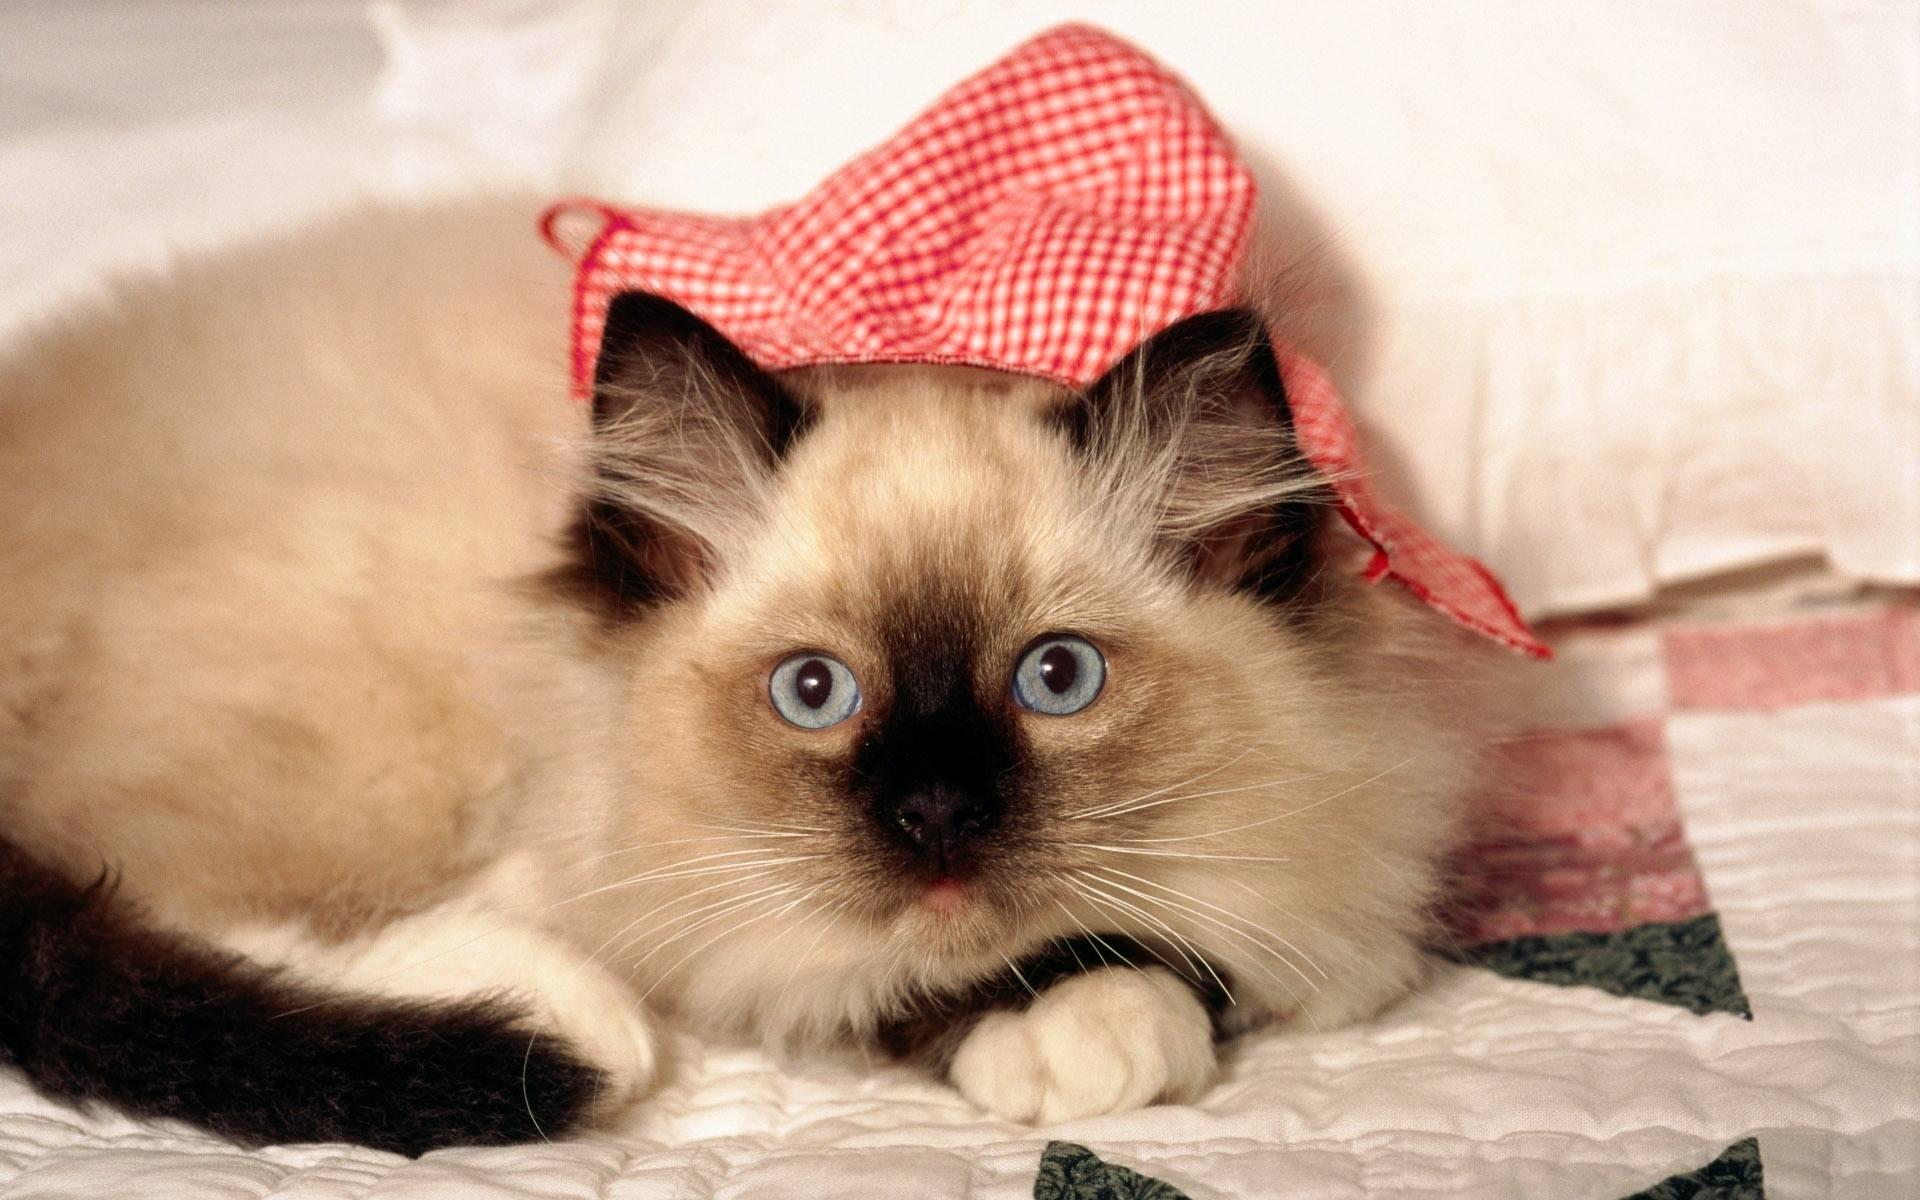 siamese cats wallpaper 3 - photo #13